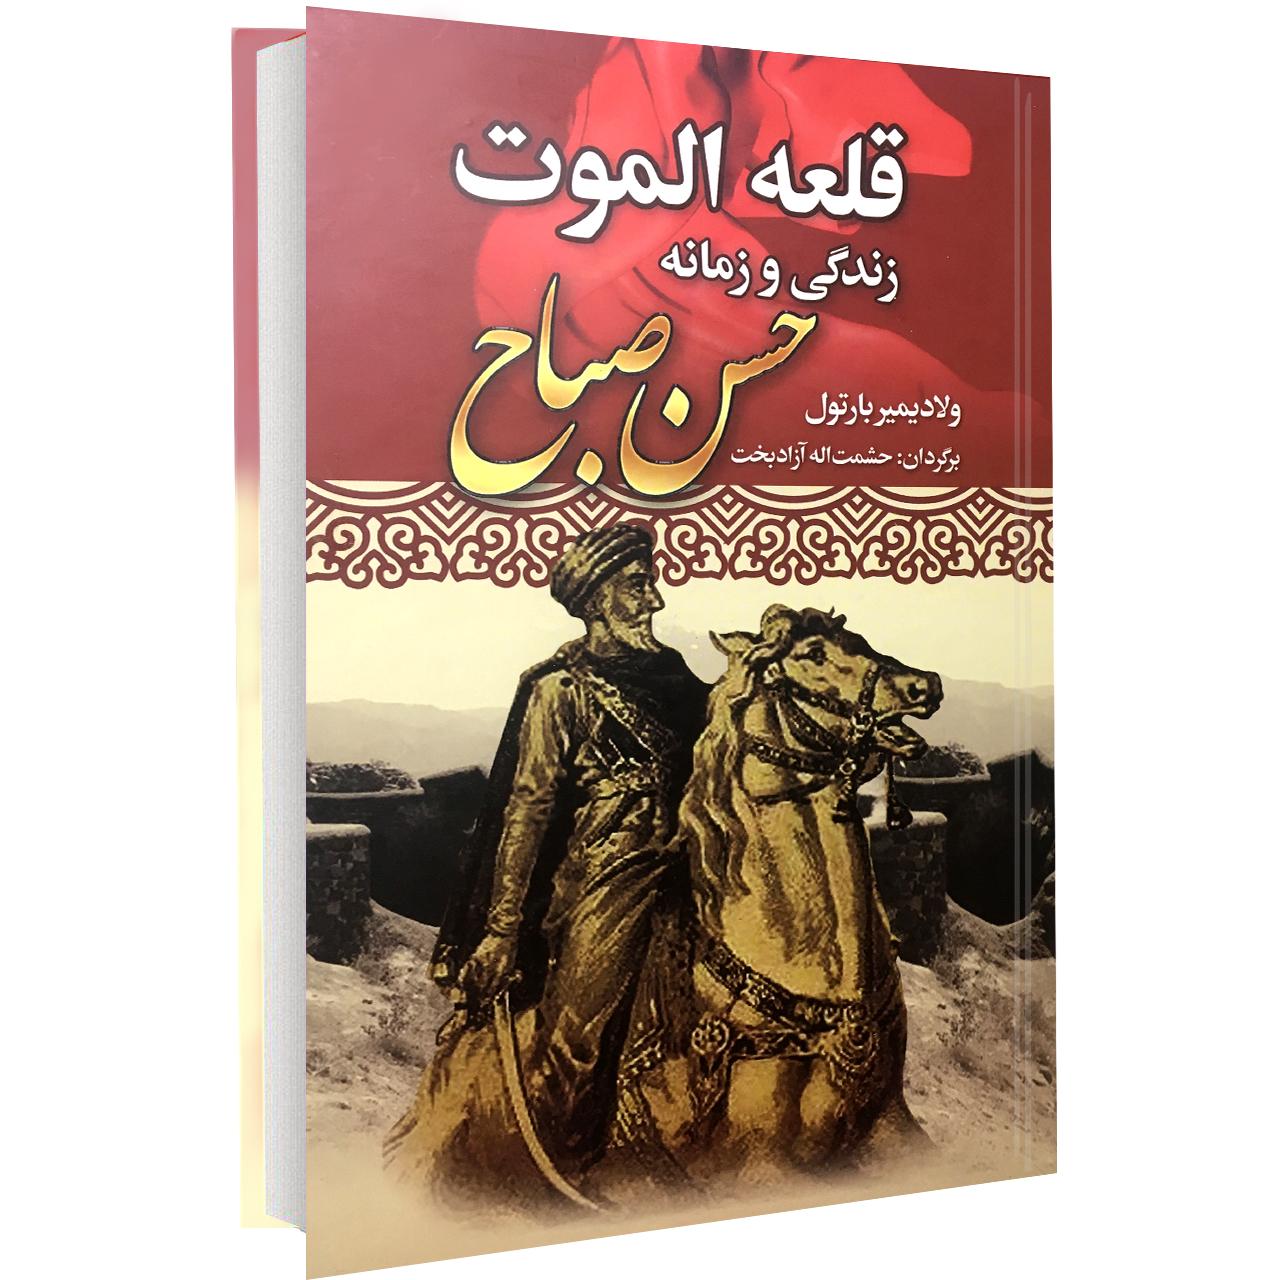 کتاب قلعه الموت زندگی و زمانه حسن صباح اثر ولادیمیر بارتول نشر نوید صبح